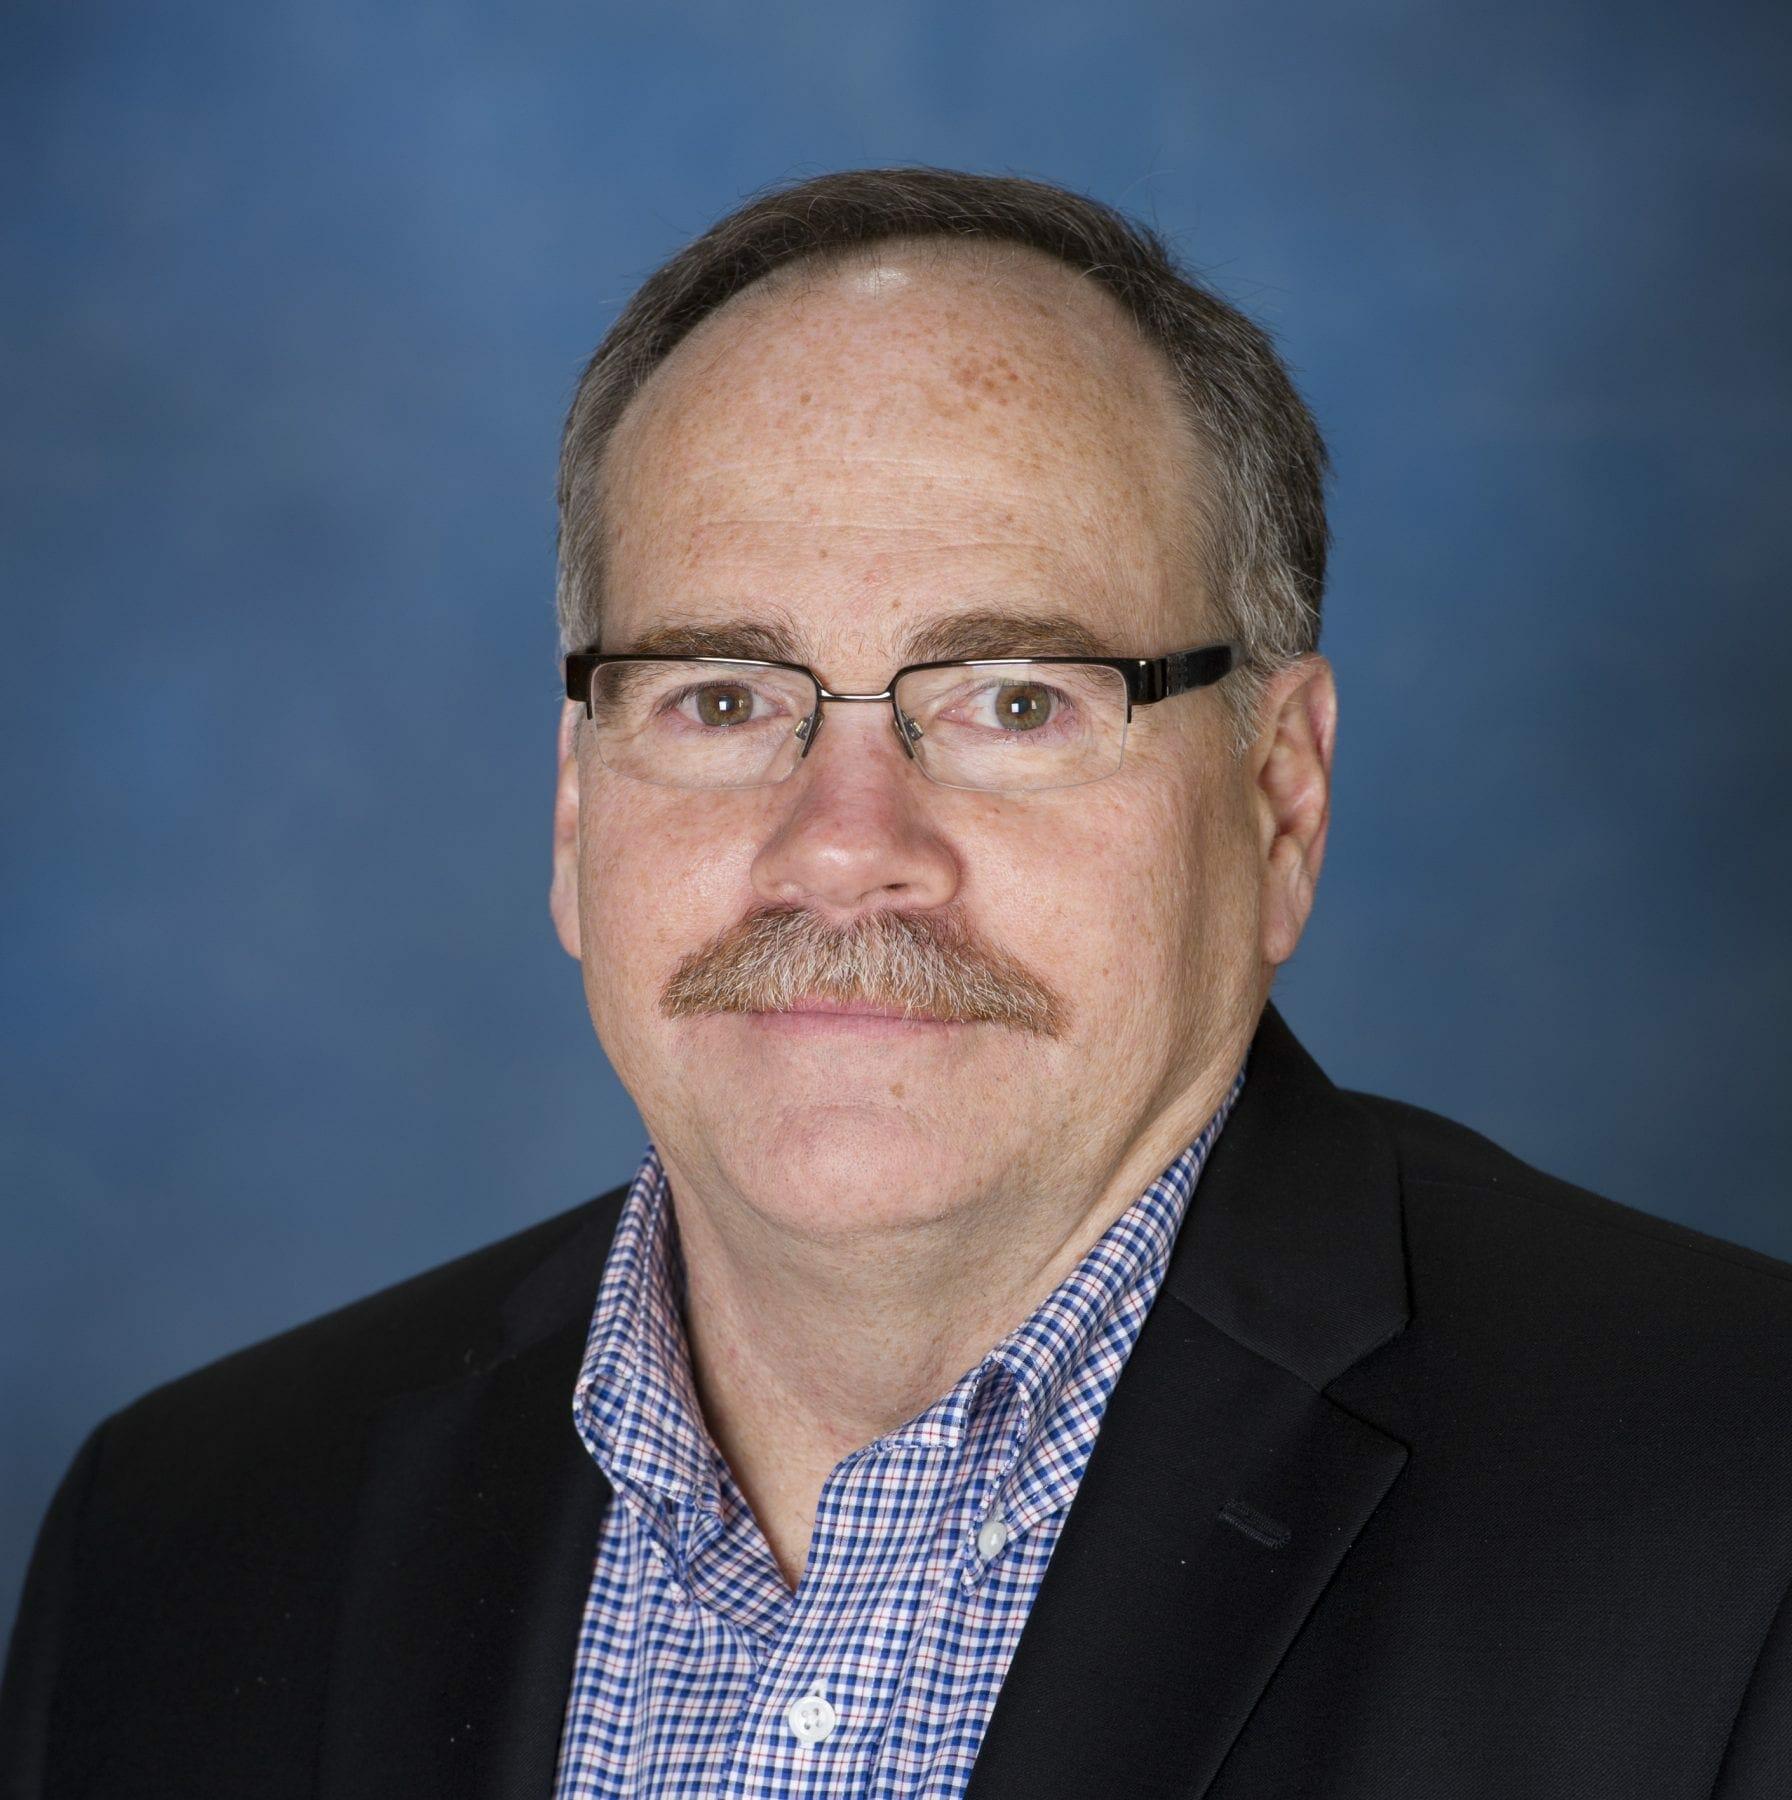 Dr. Tim Keane